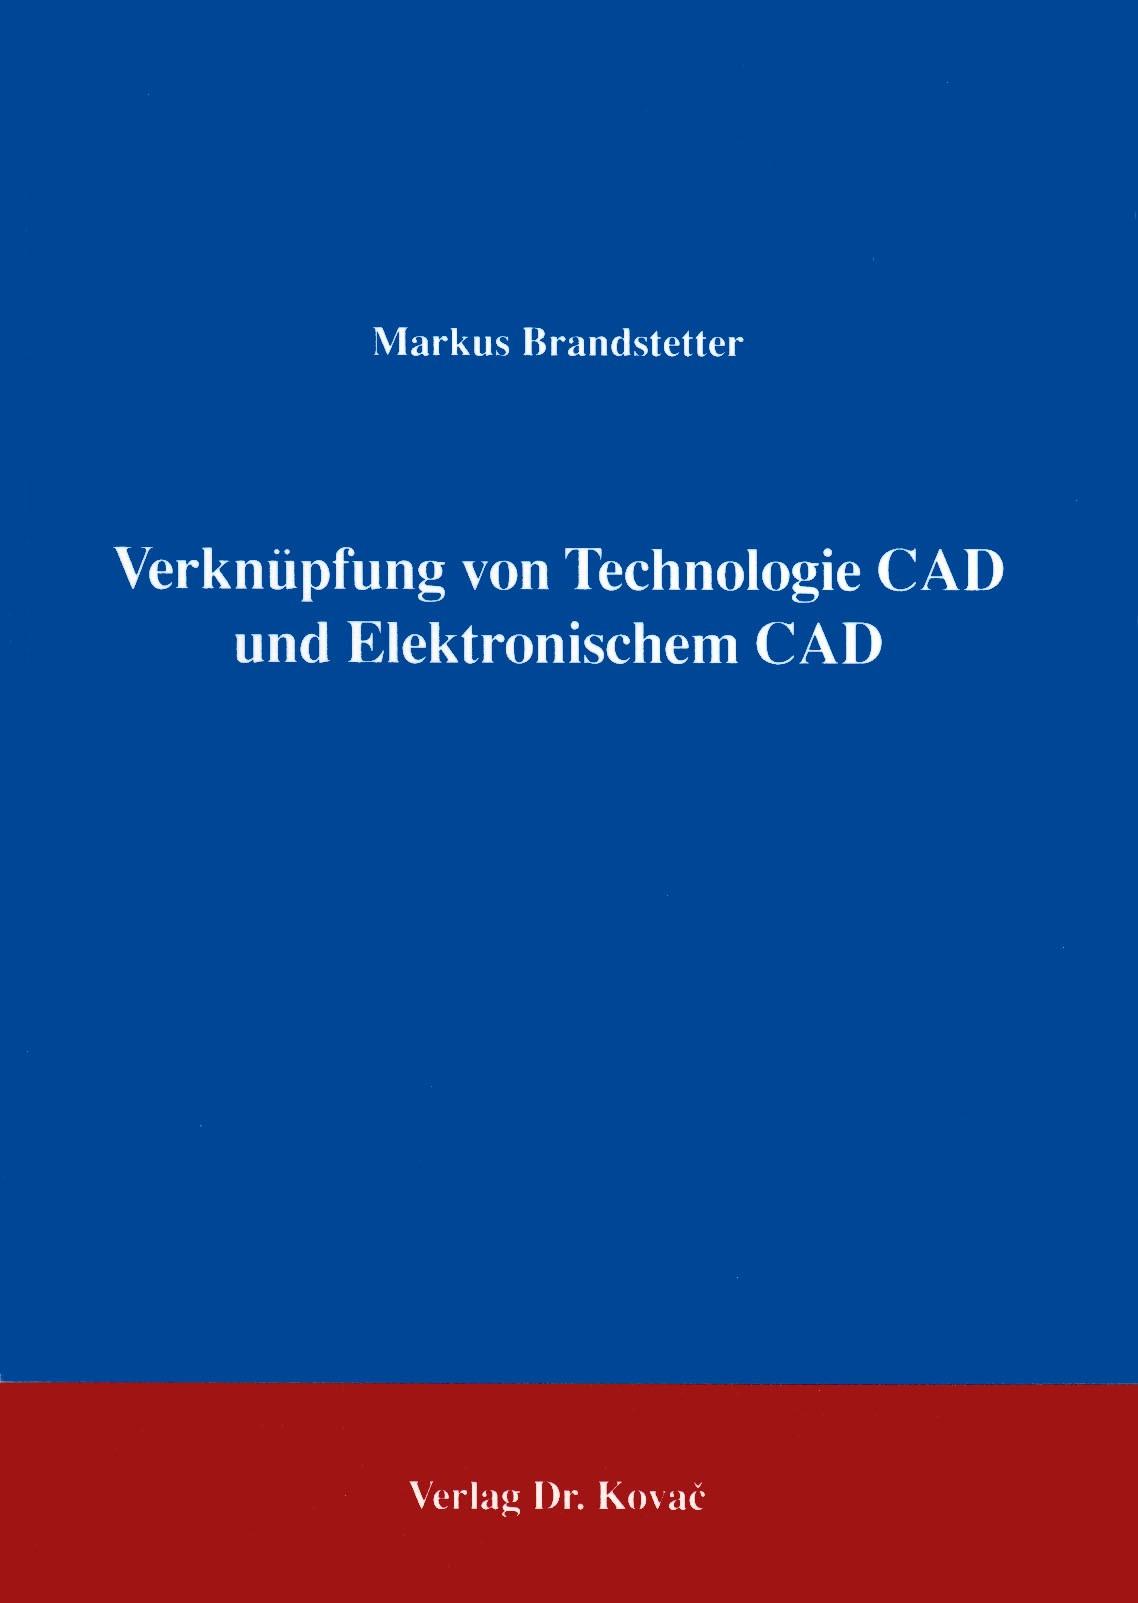 Verknüpfung von Technologie CAD und Elektronischem CAD | Brandstetter, 1996 | Buch (Cover)